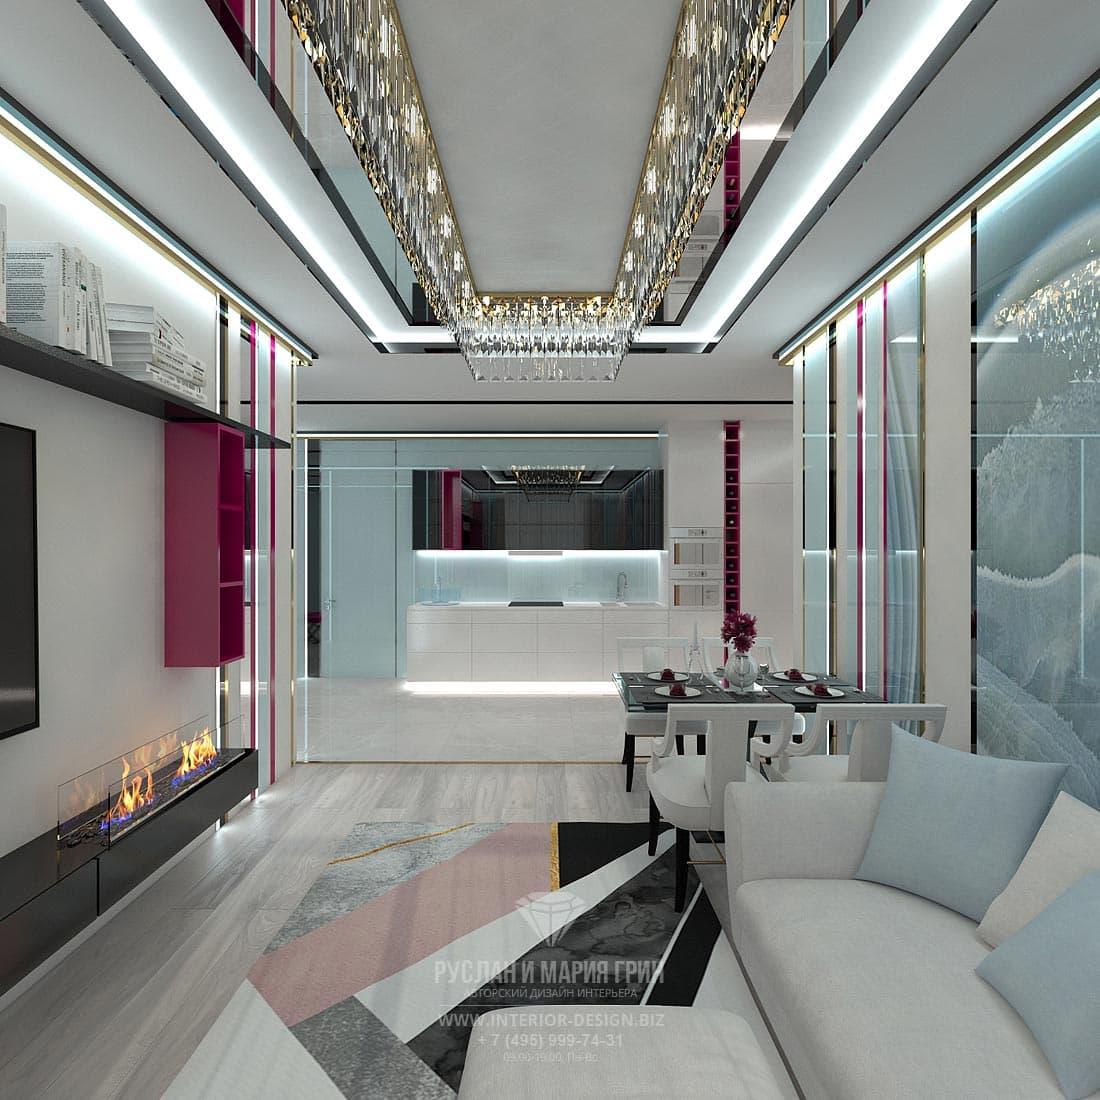 Современный дизайн квартиры с открытой планировкой